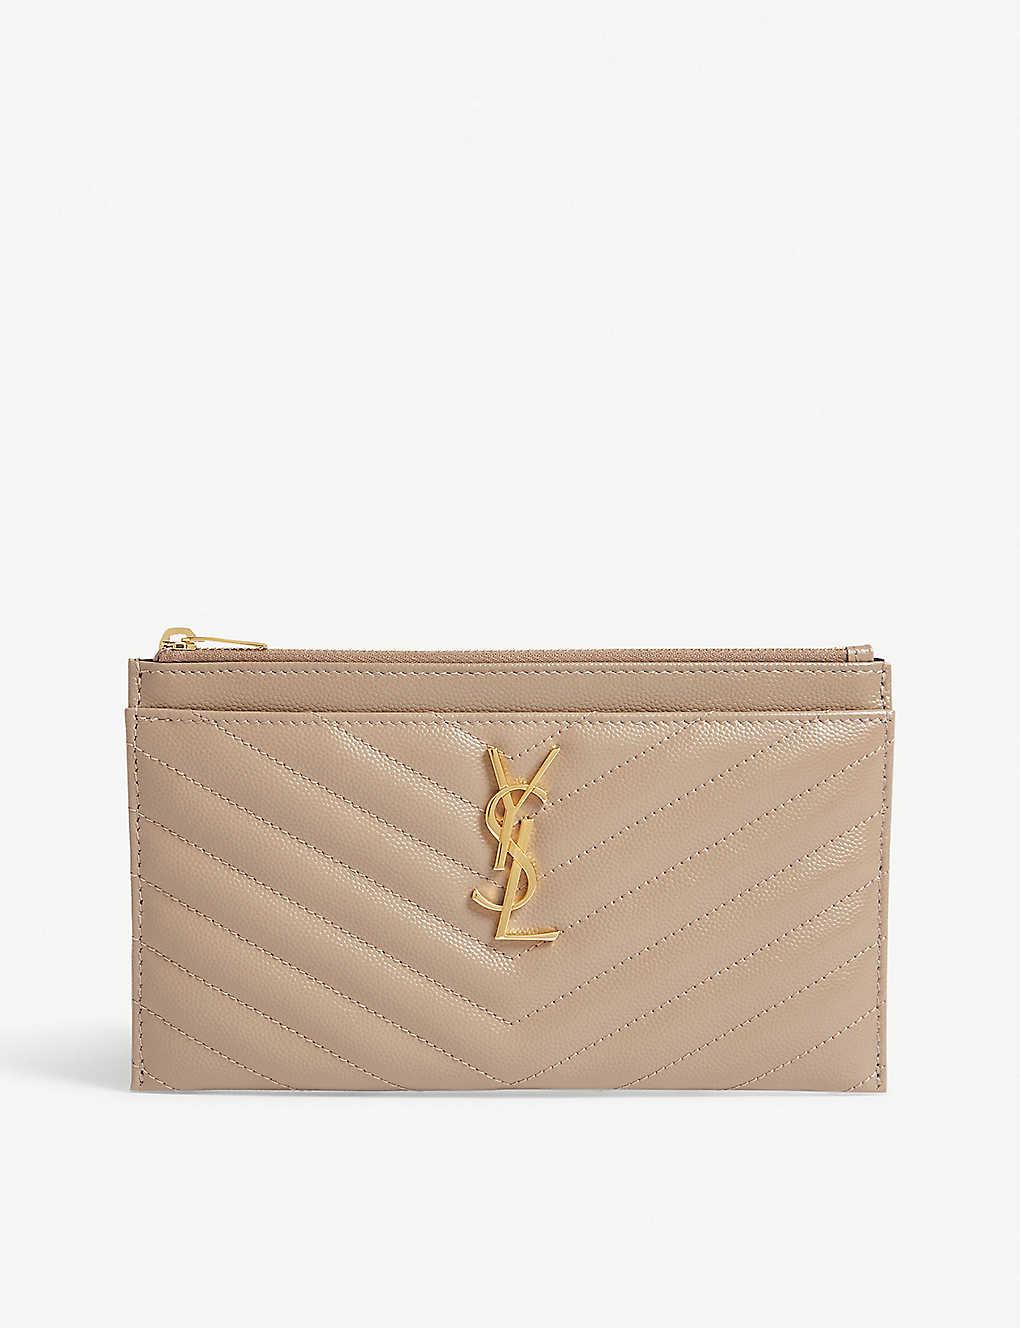 2f562110b18 SAINT LAURENT - Monogram quilted leather pouch | Selfridges.com